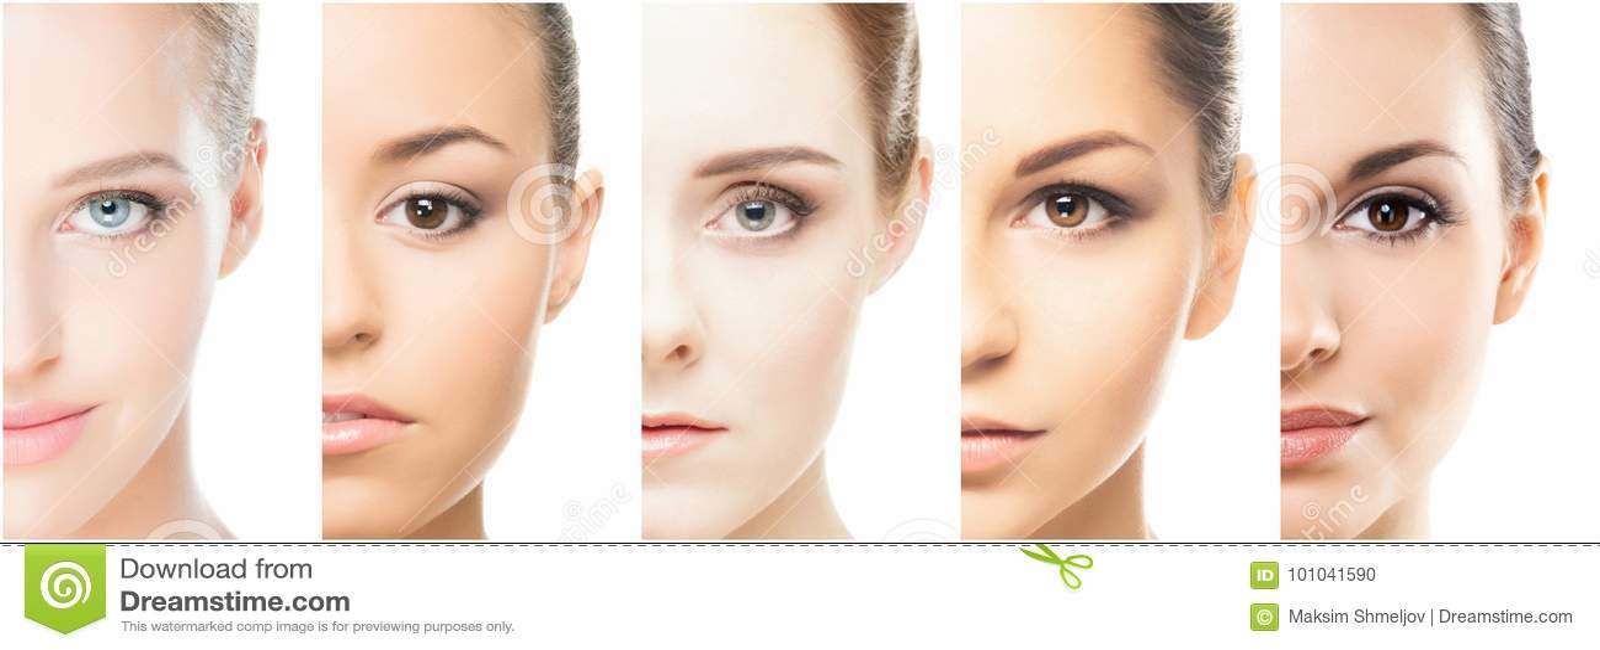 Kolaż różni portrety młode kobiety w makeup